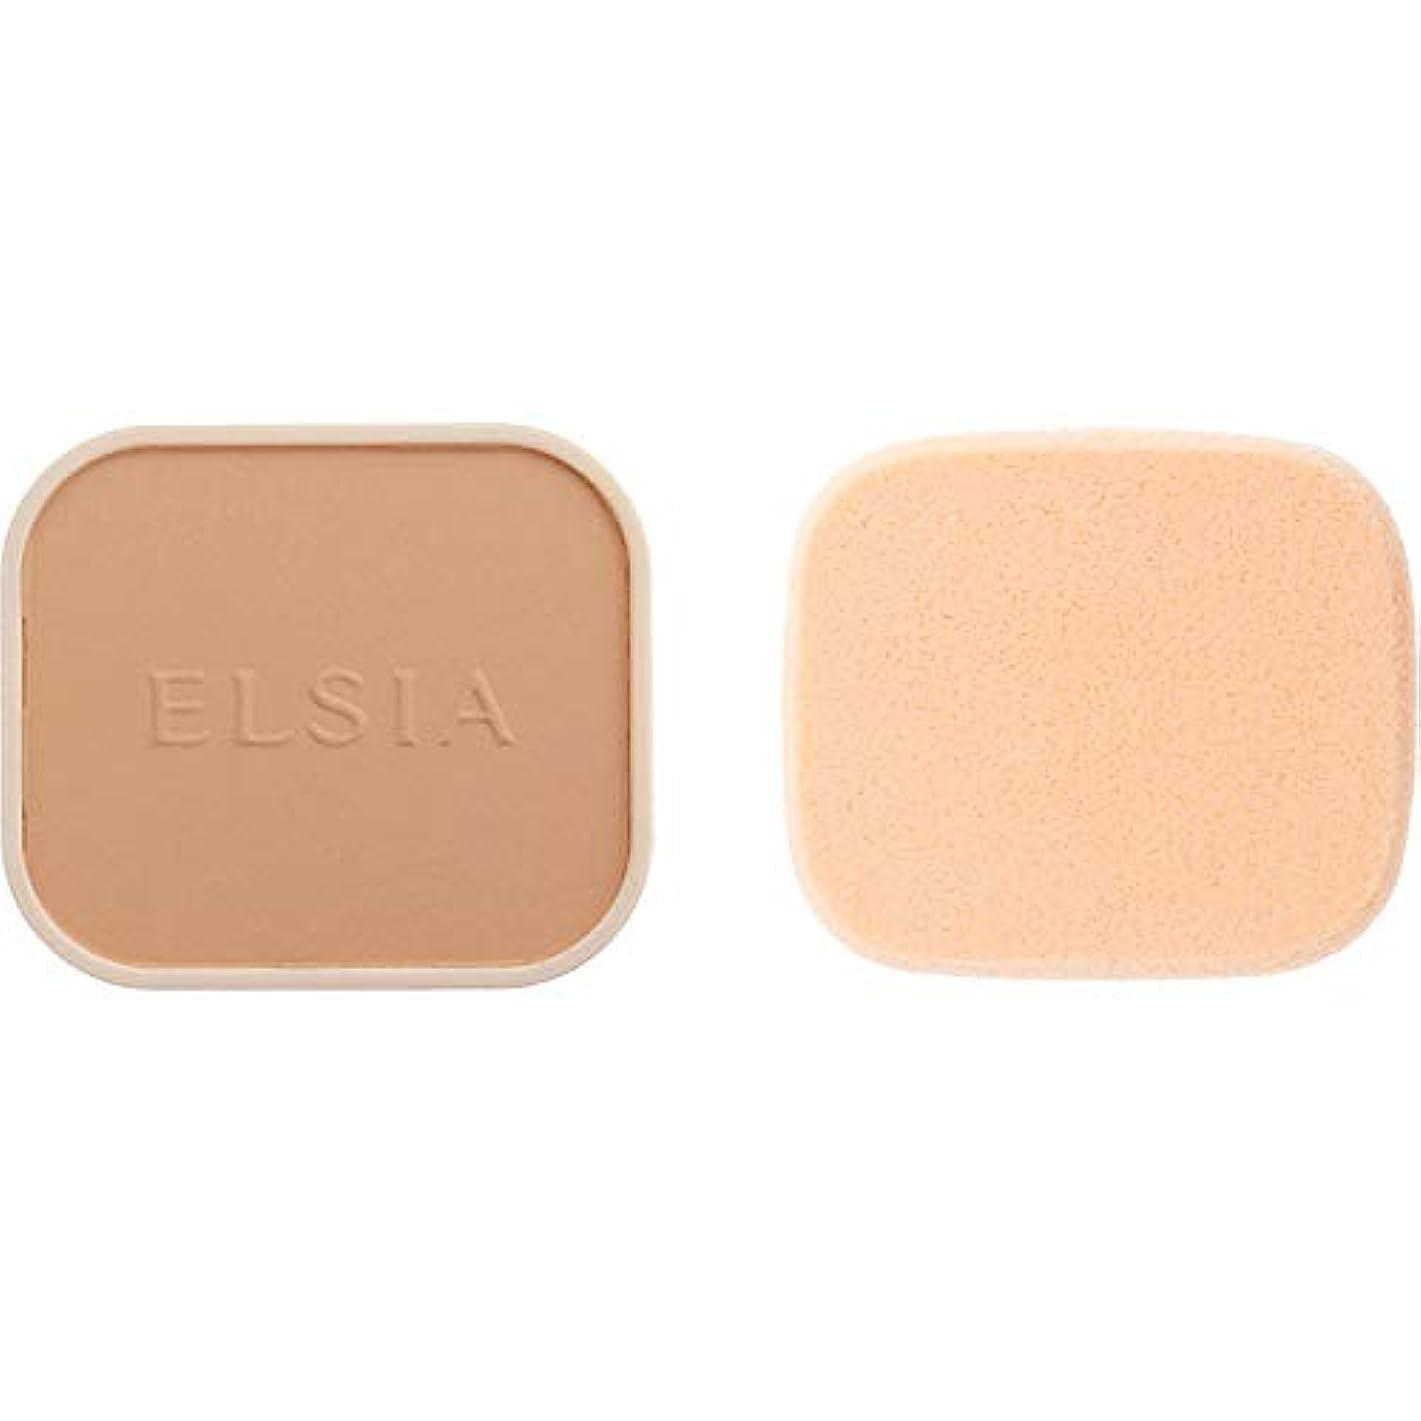 強度退屈乳エルシア プラチナム 化粧のり良好 モイストファンデーション(レフィル) オークル 410 9.3g